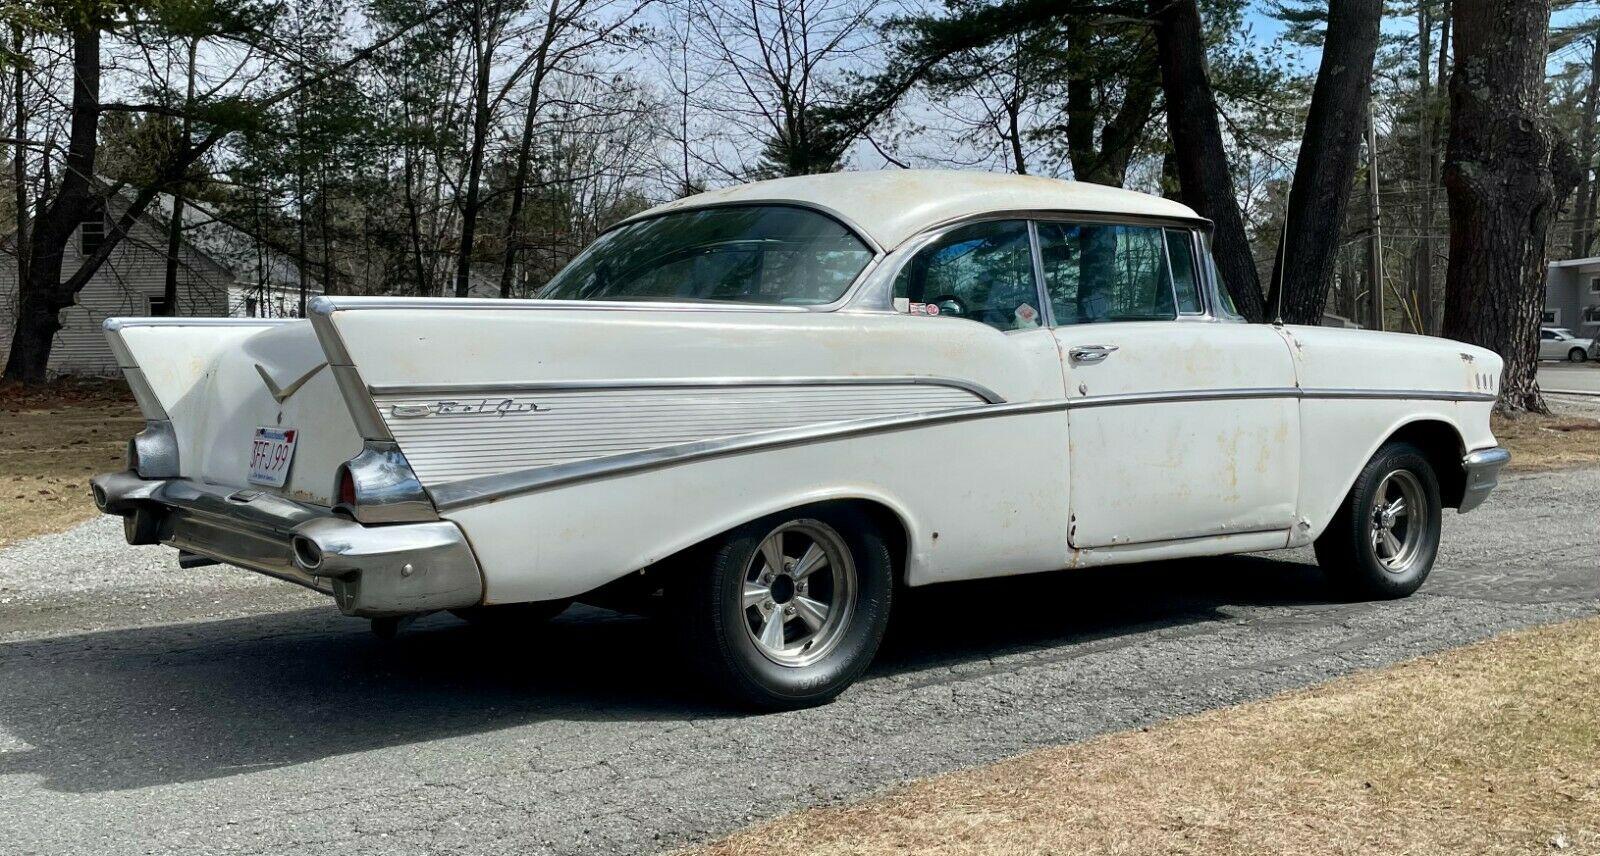 Chevrolet Bel Air 1957 tìm thấy trong nhà kho bỏ hoang sau nhiều thập kỷ, động cơ V8 chạy ngon lành - Ảnh 3.